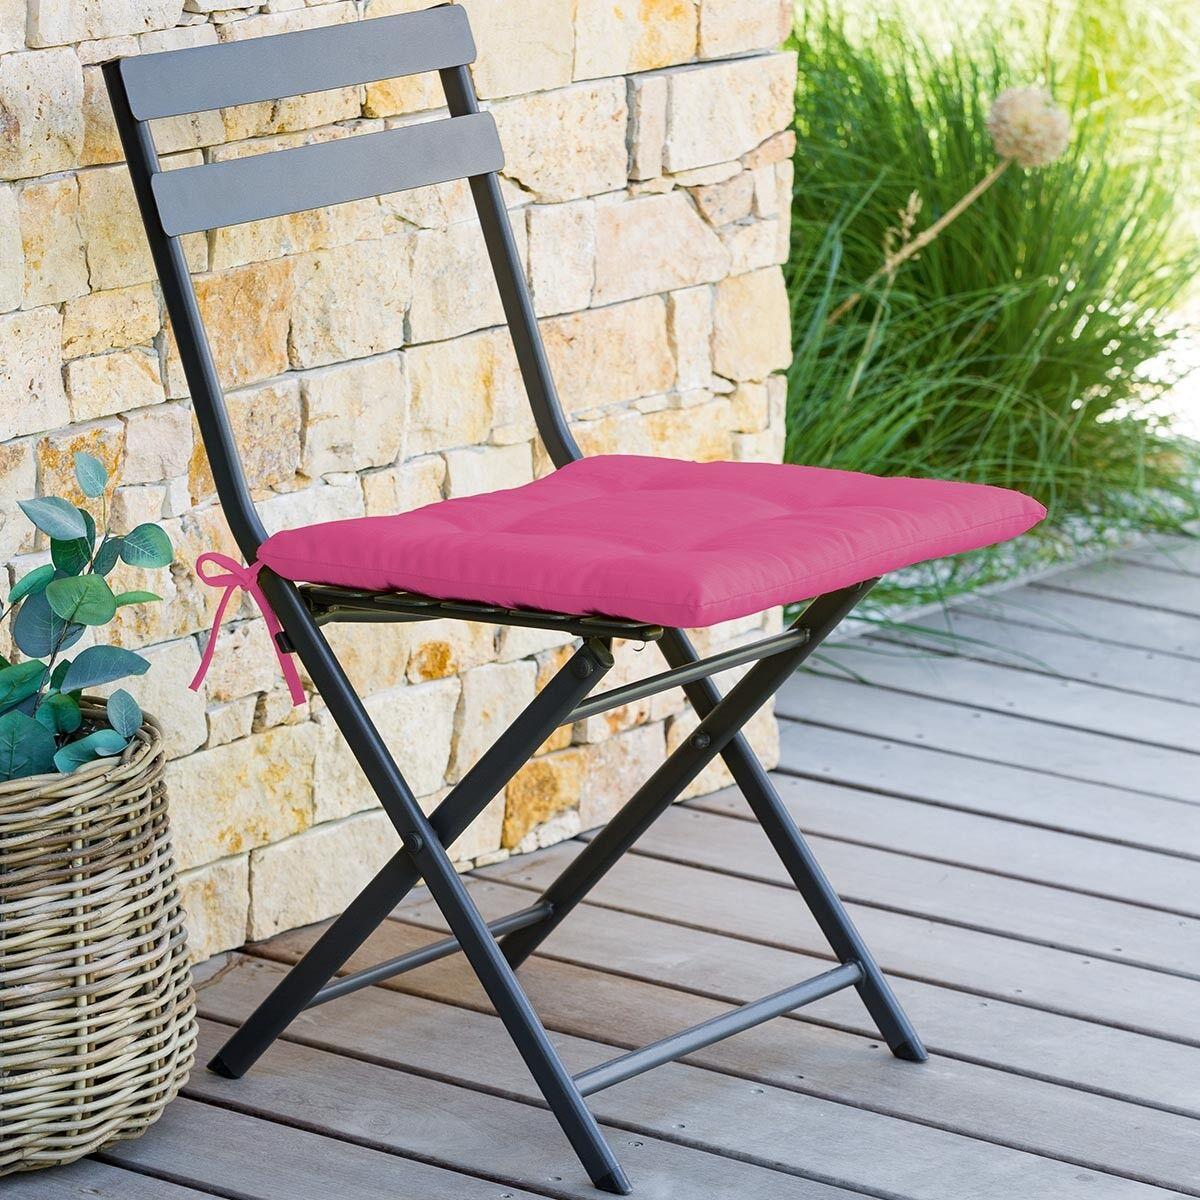 Hespéride Galette de chaise carrée 4 points Framboise Jardin